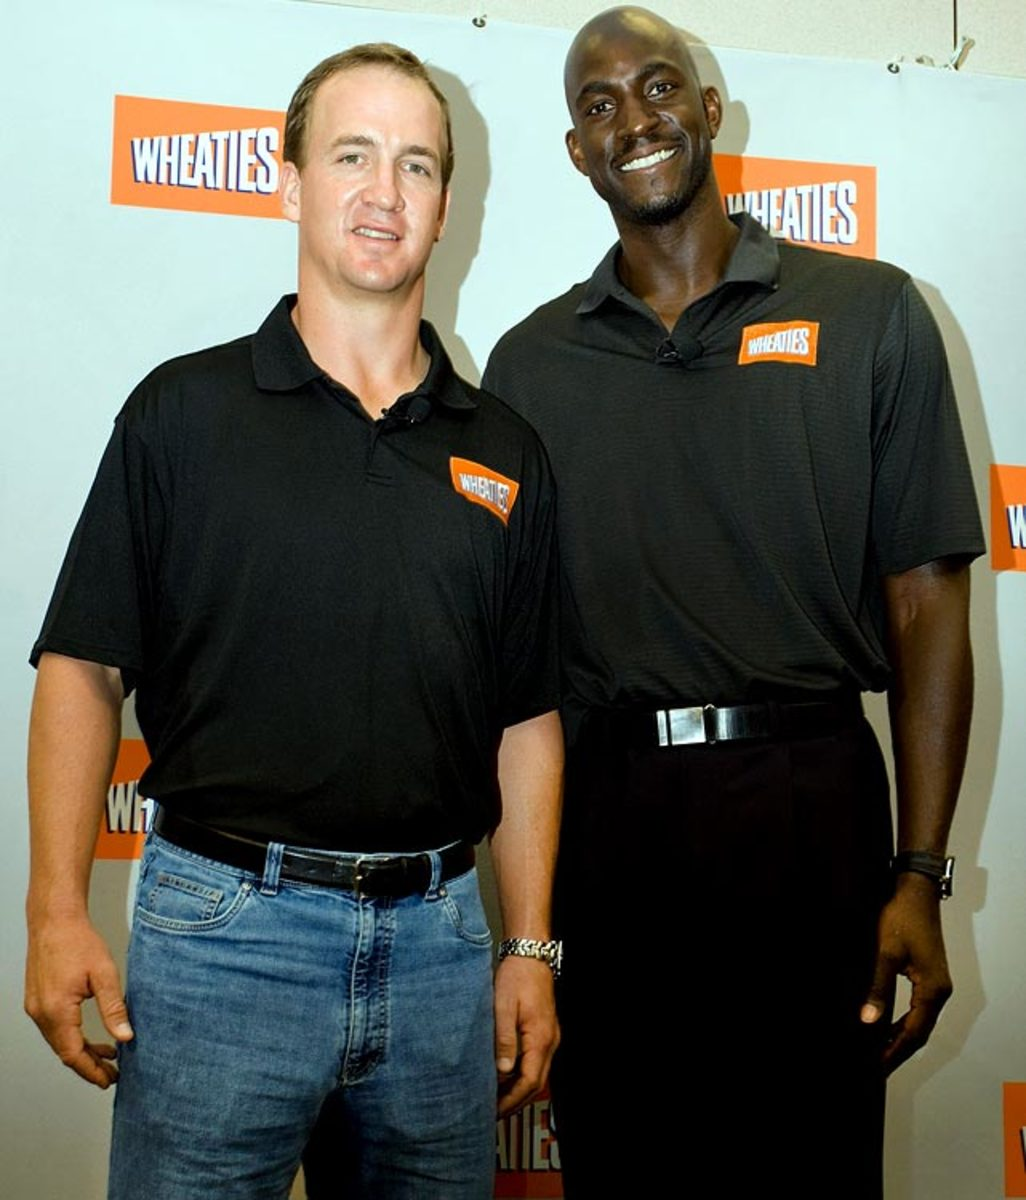 Peyton Manning and Kevin Garnett